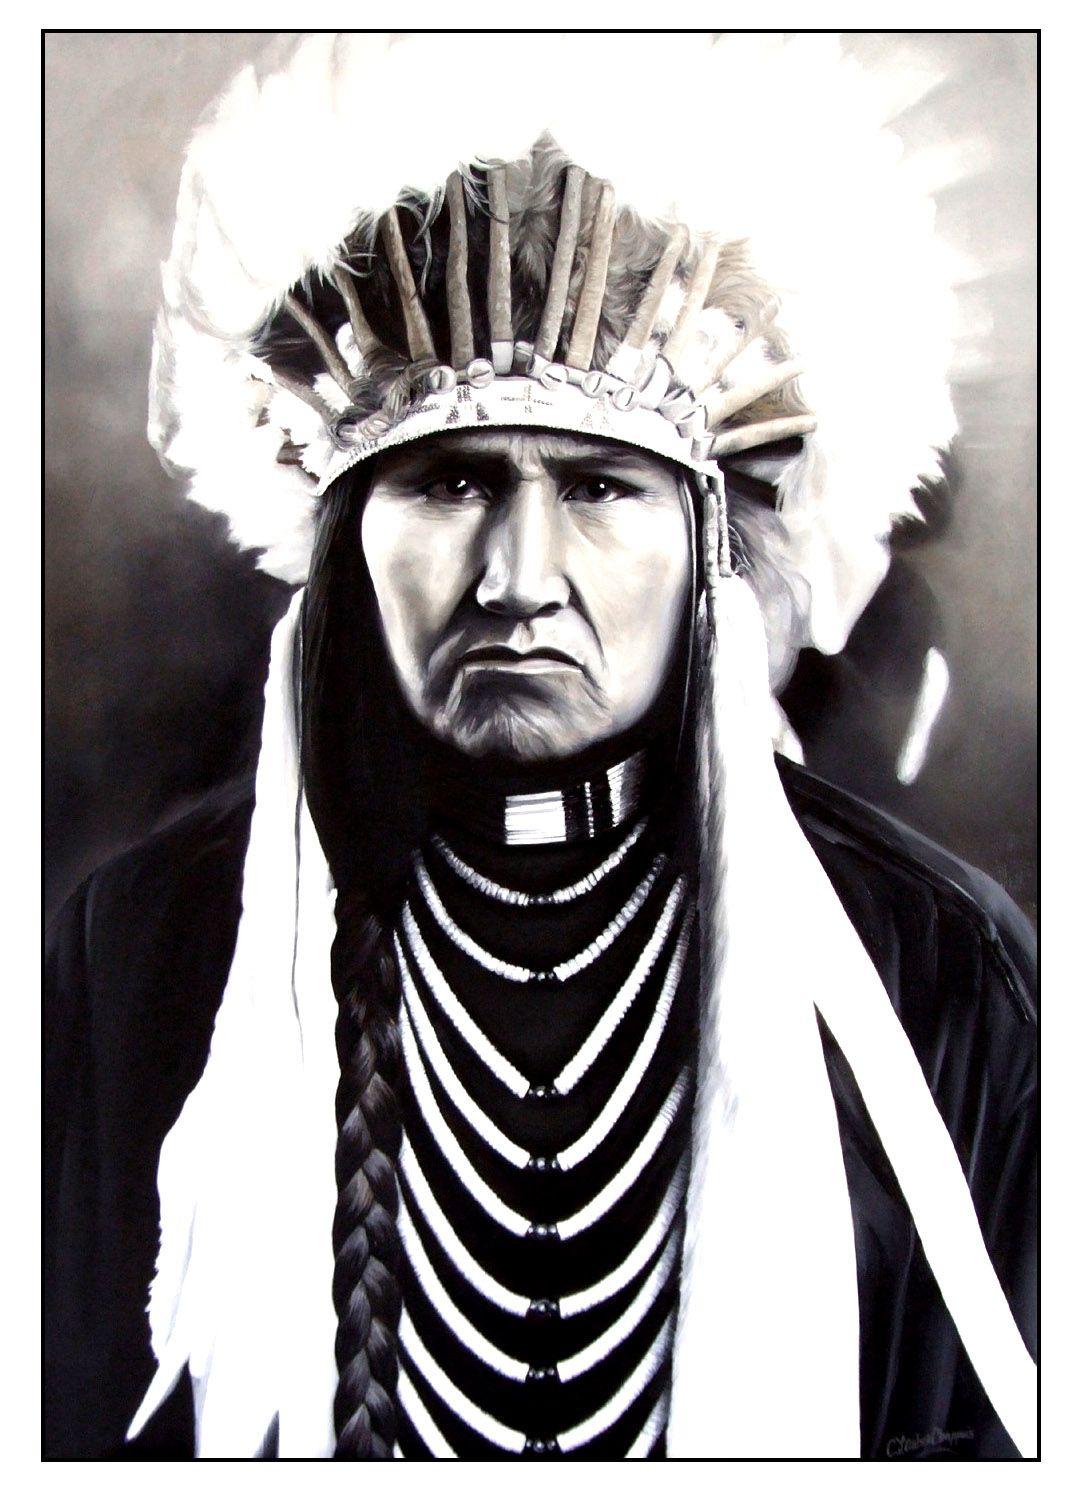 Grand Chef Indien Amerique 2a Partir De La Galerie Indiens